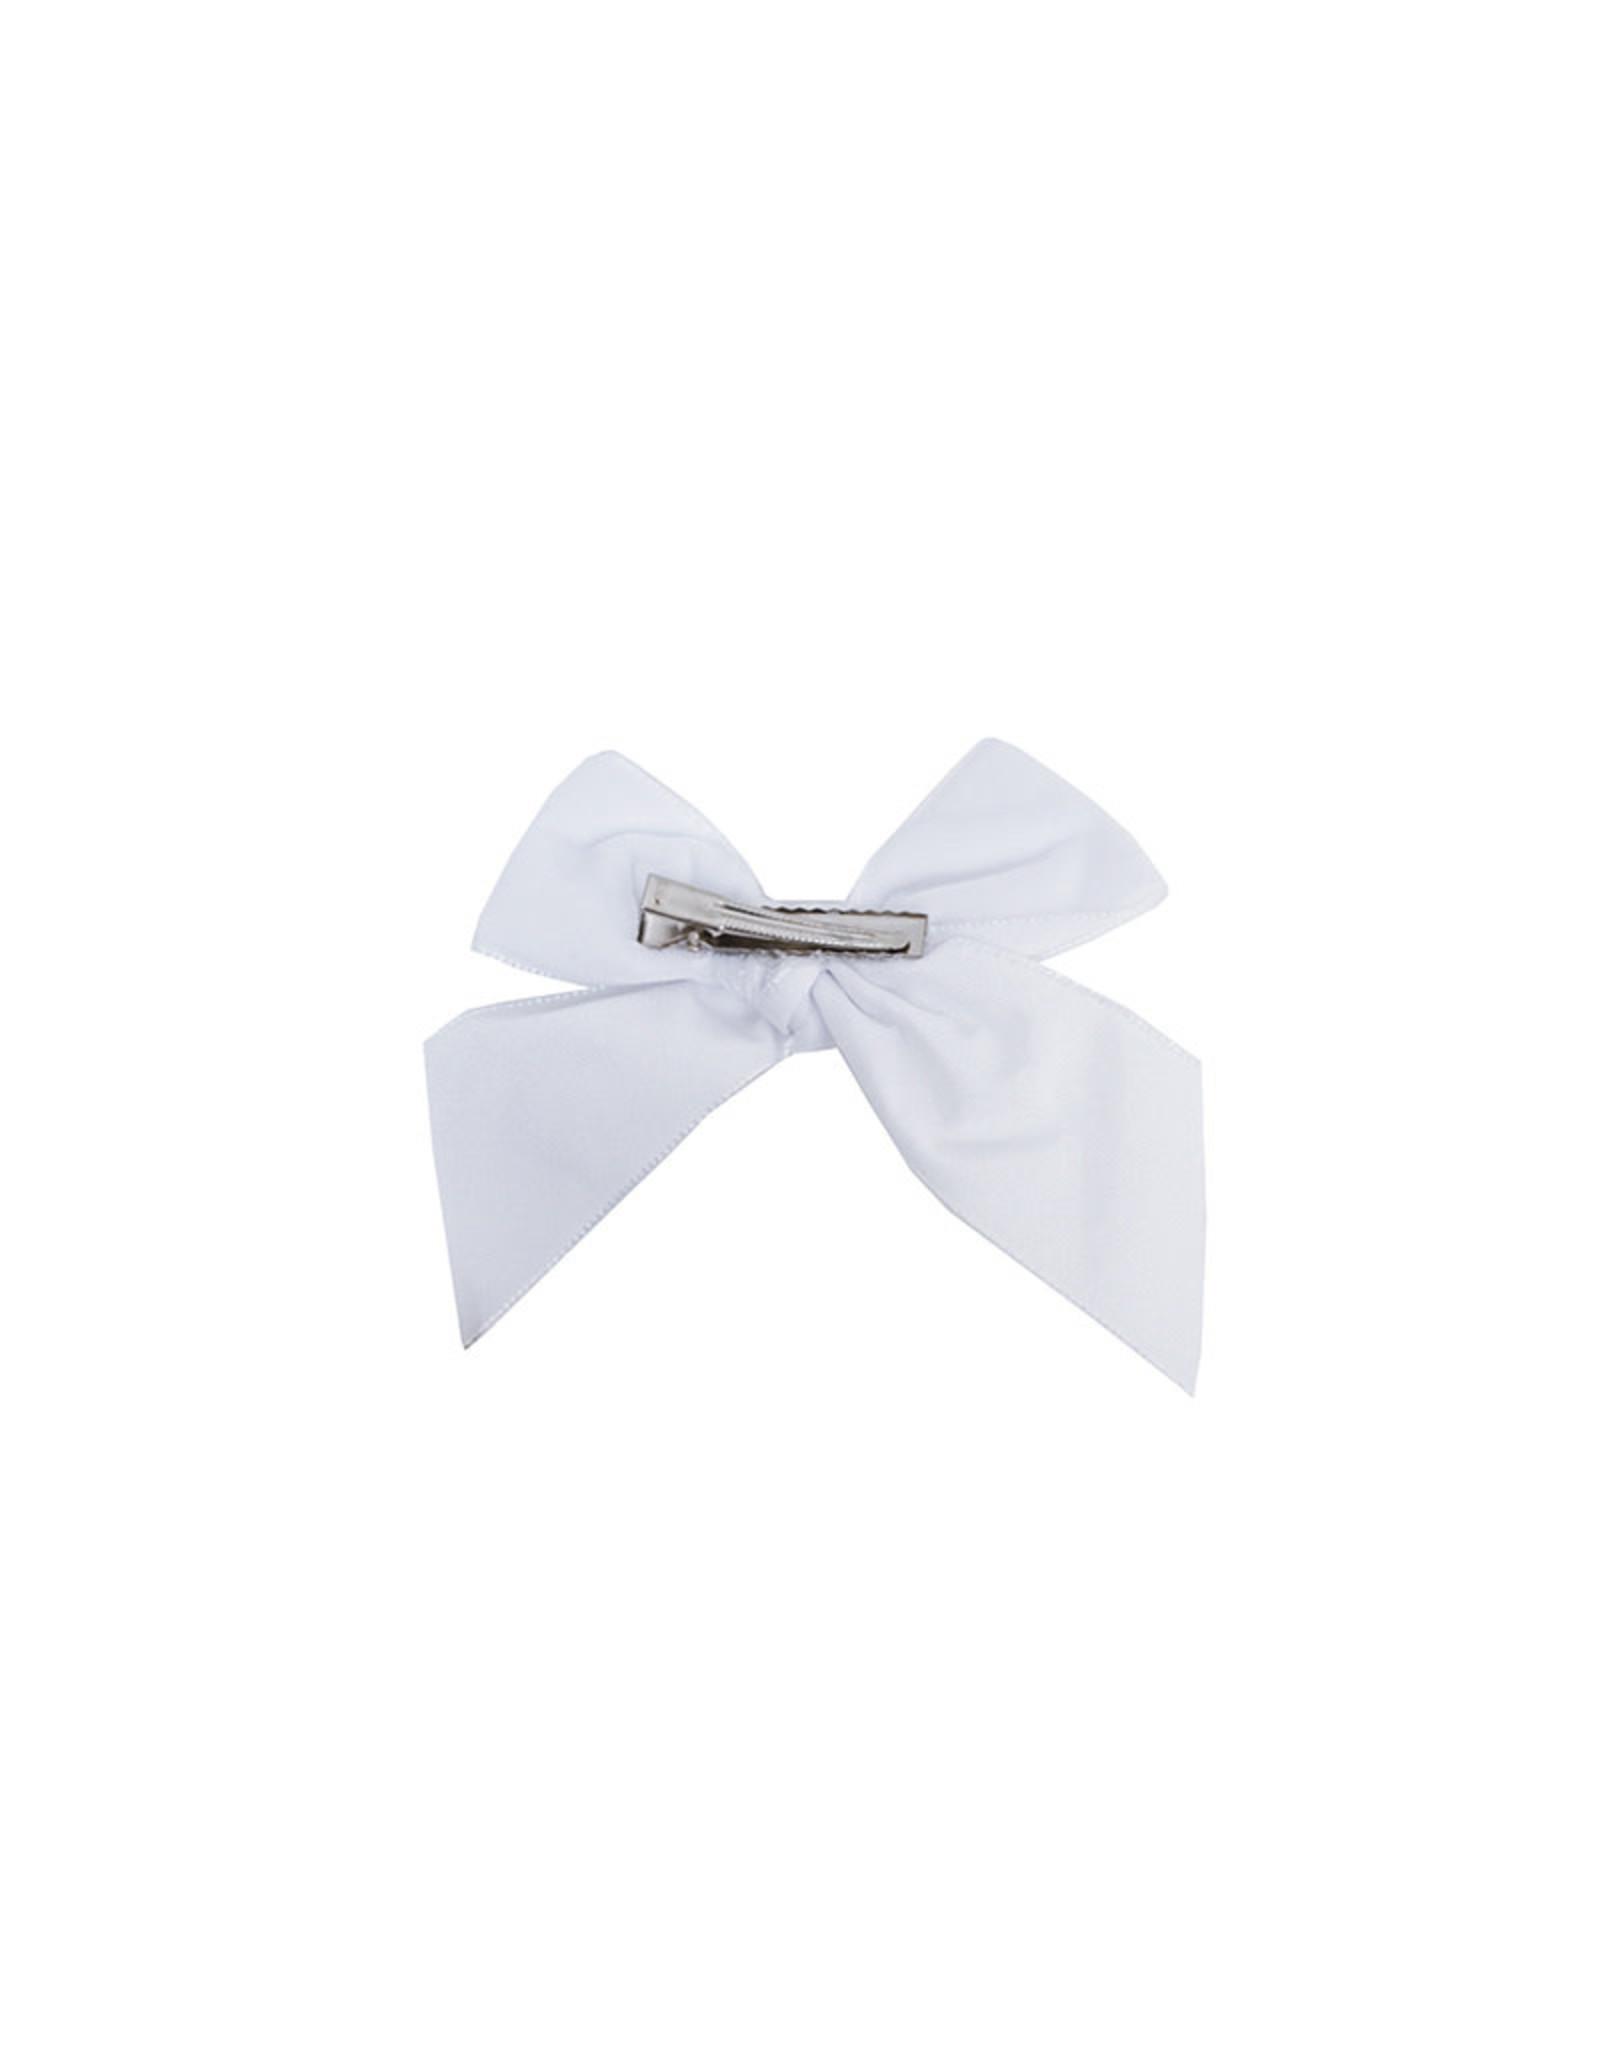 CONDOR White Velvet Hair Bow